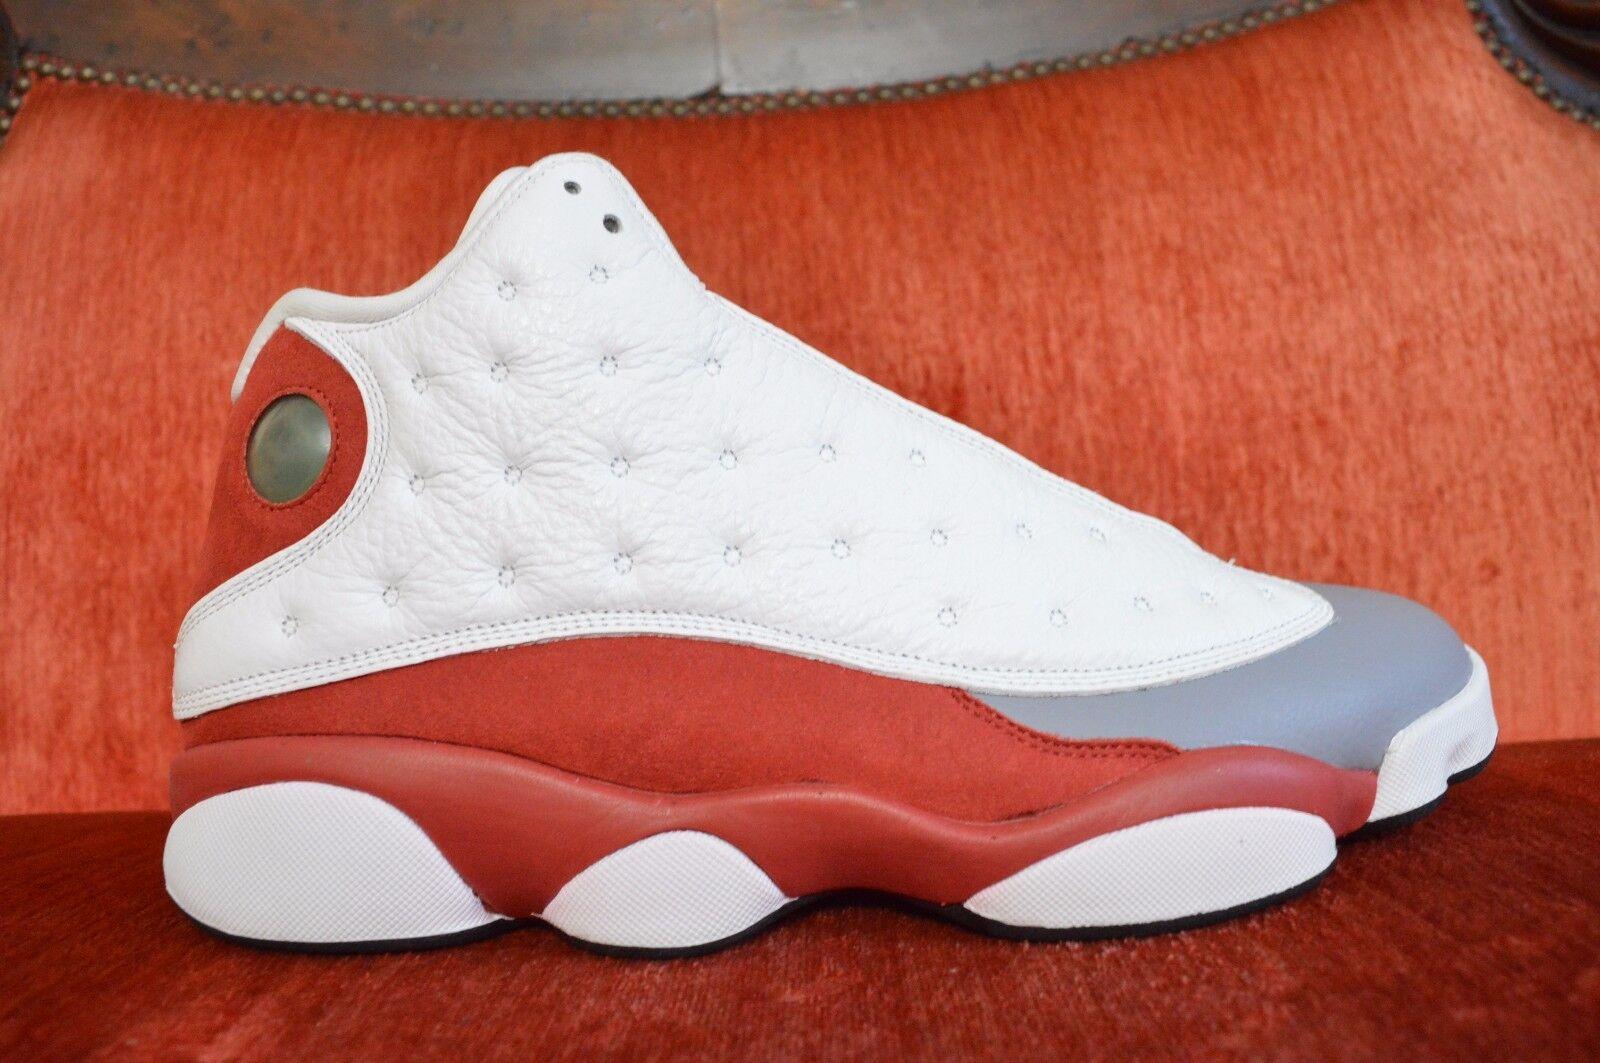 New Air Jordan 13 XIII Retro Grigio Toe Scarpe da Ginnastica 414571 126 Size 12 OG ALL